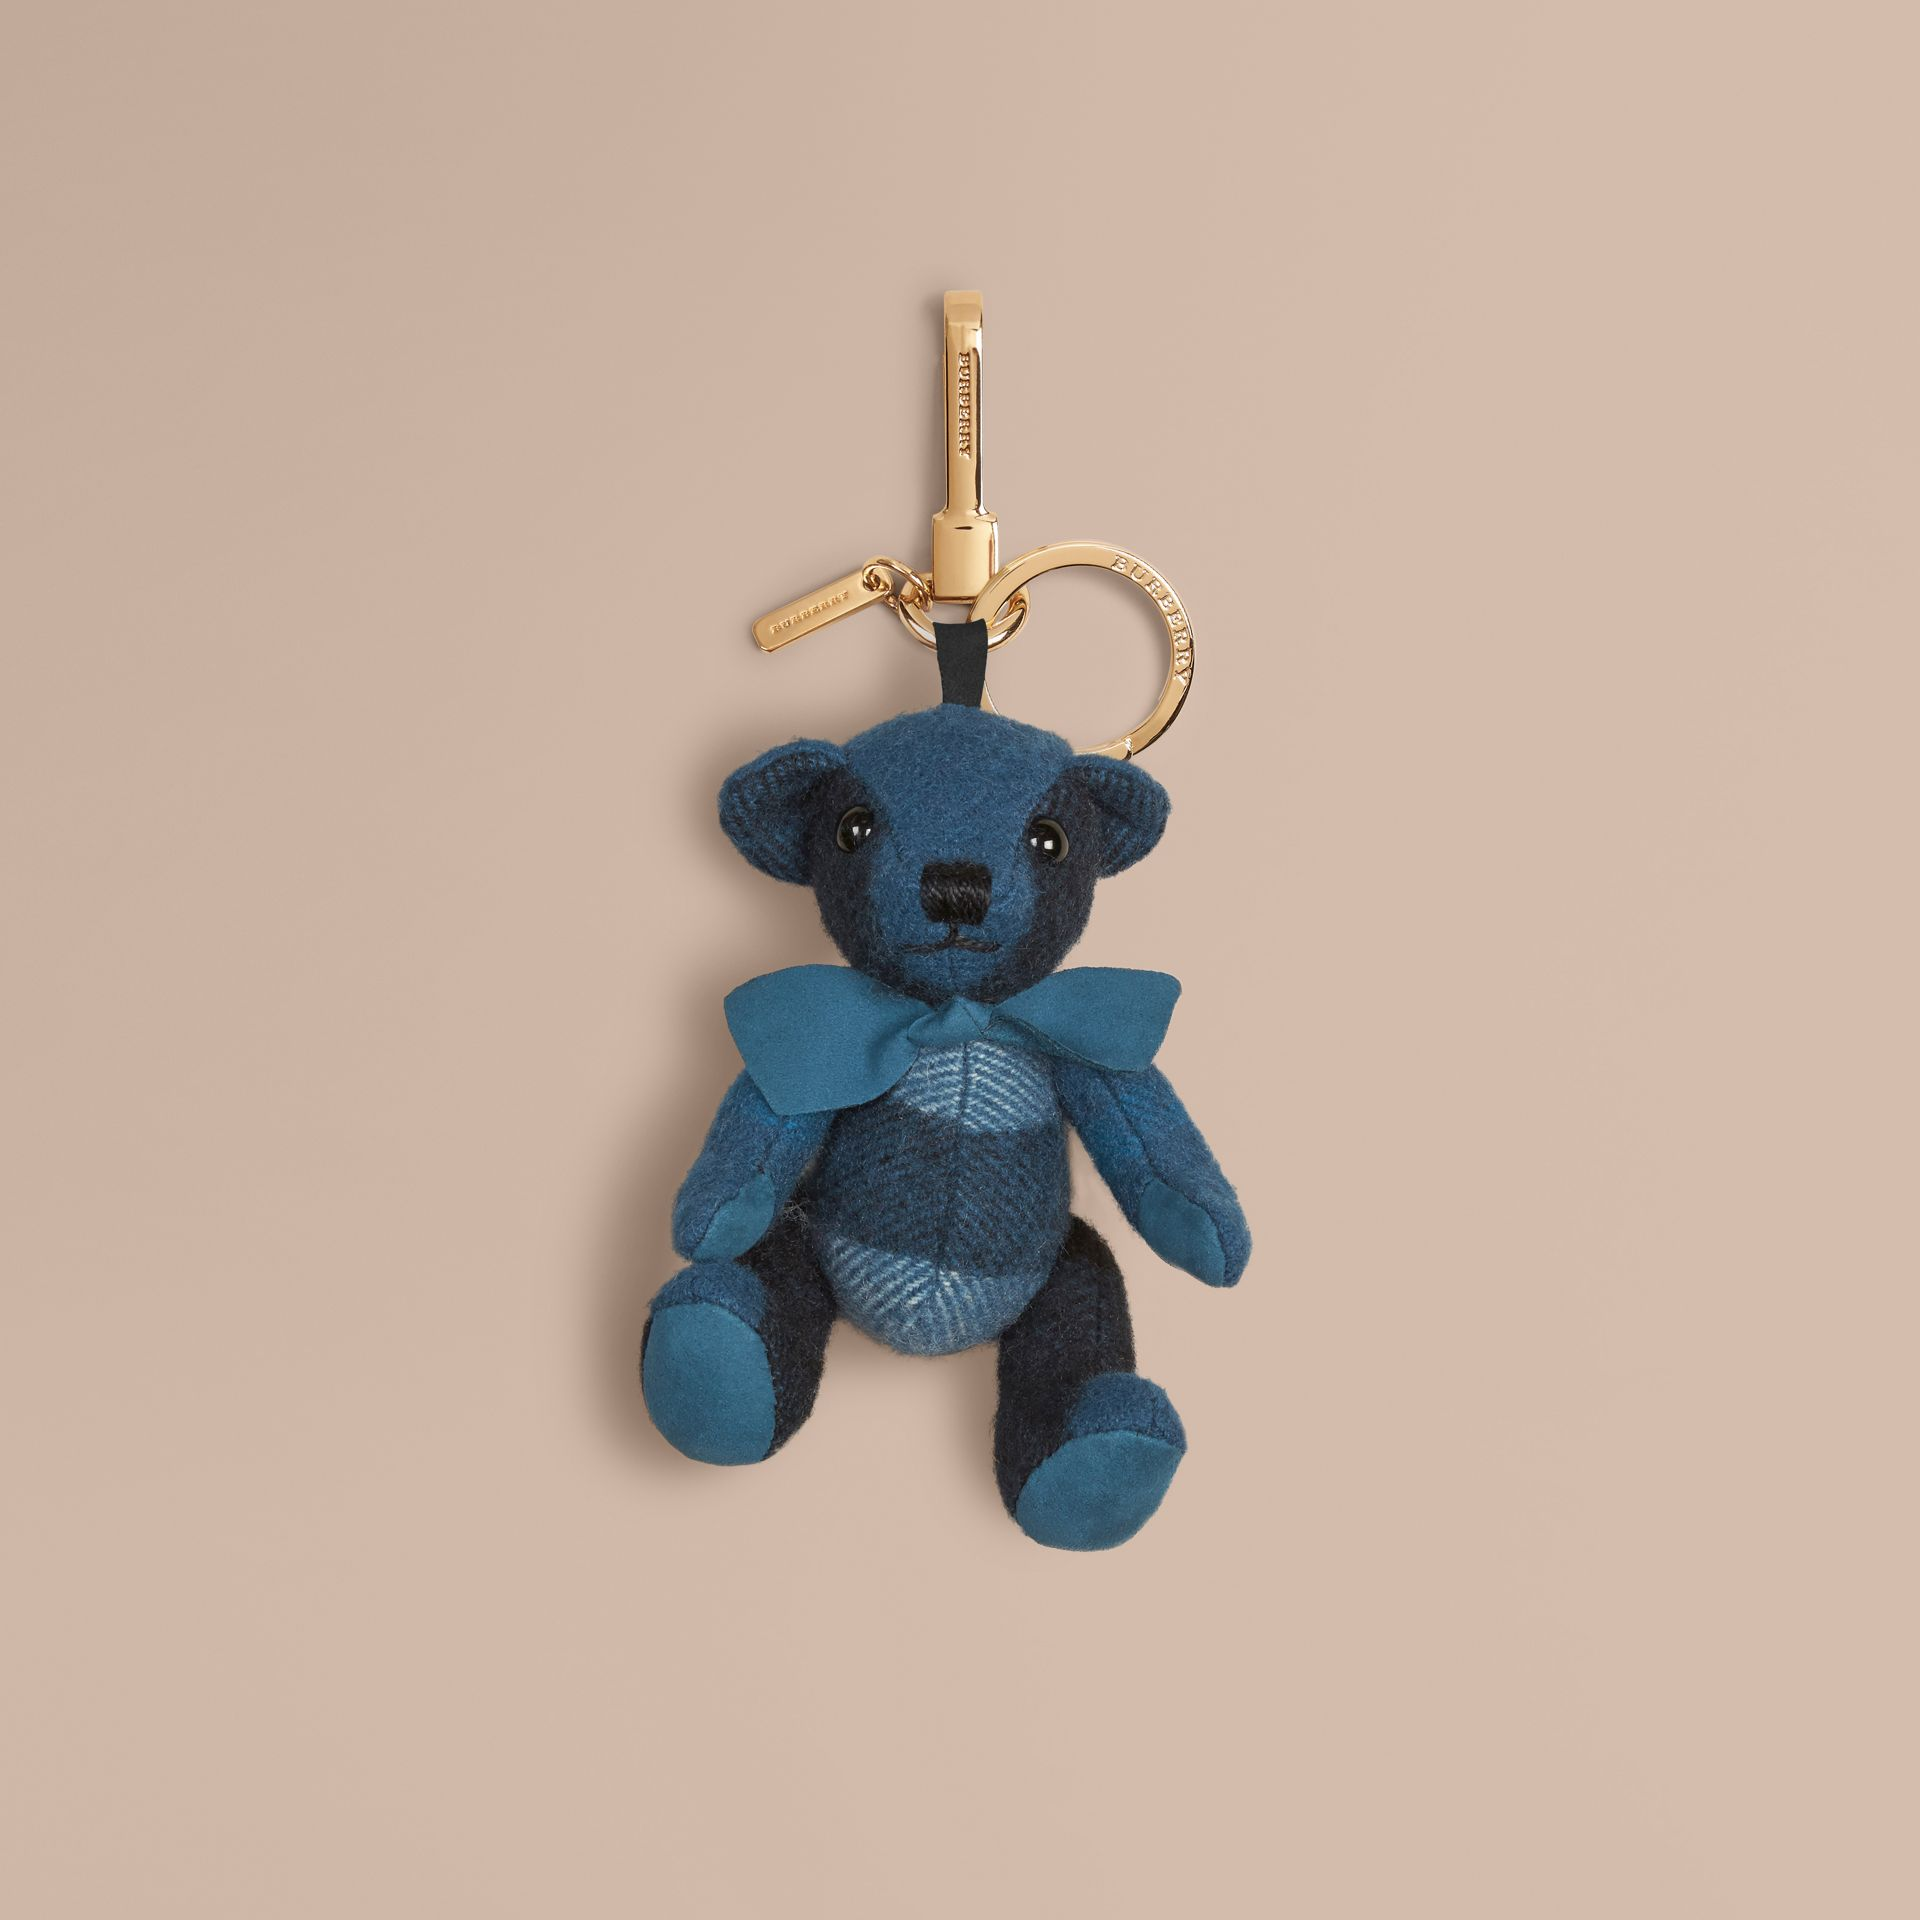 暗水色 格紋喀什米爾 Thomas 泰迪熊墜飾 暗水色 - 圖庫照片 1